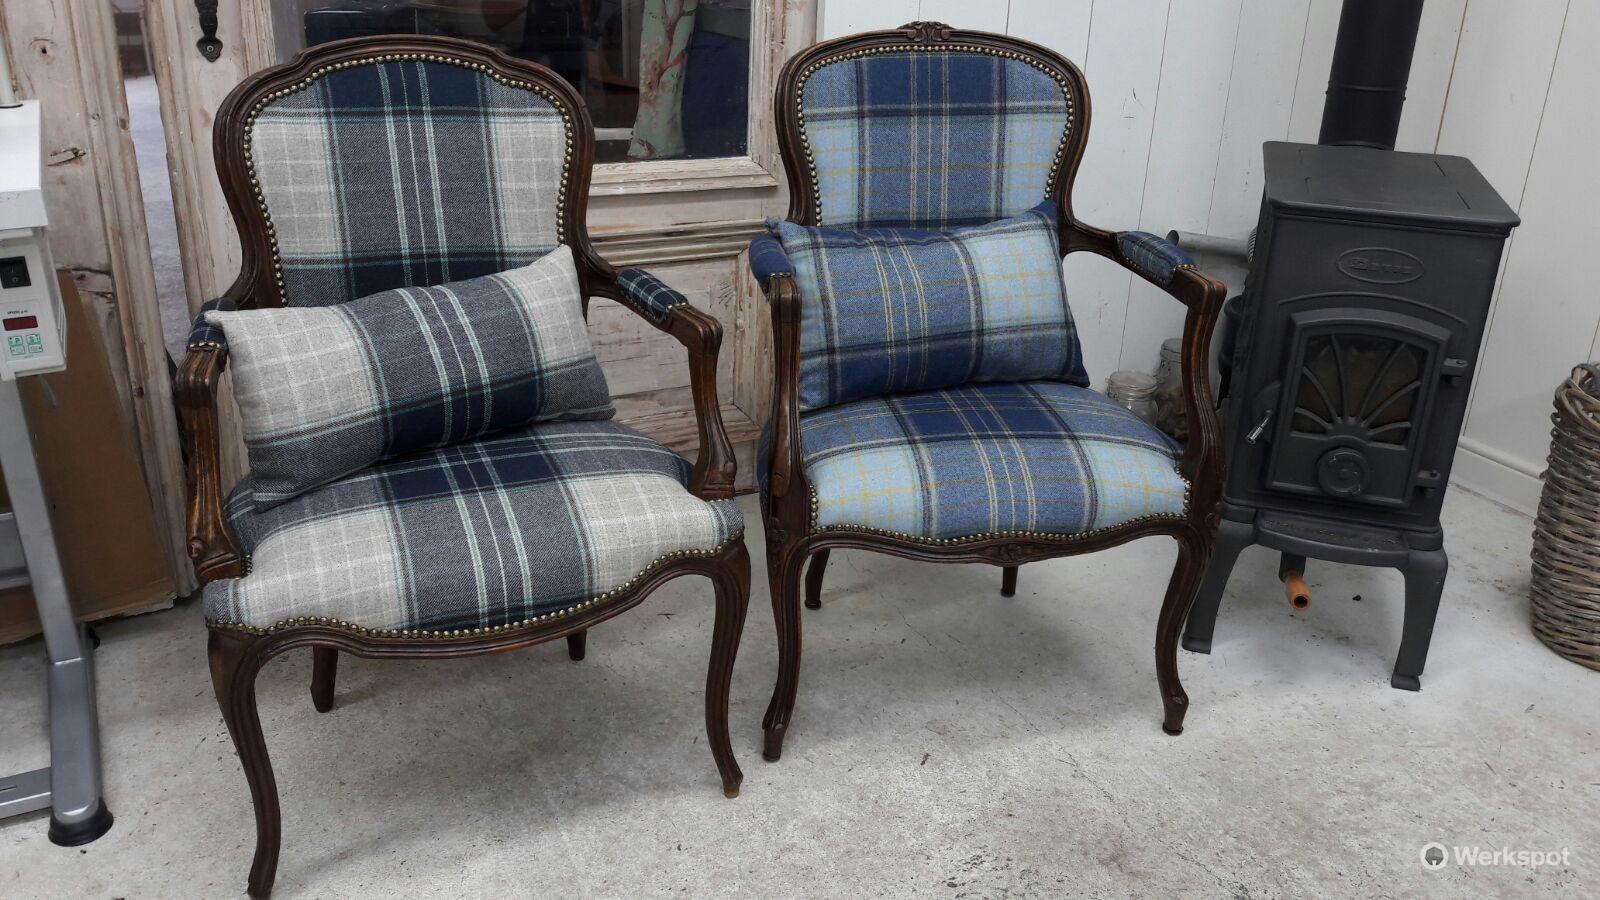 Opknappen en stofferen twee antieke stoelen werkspot